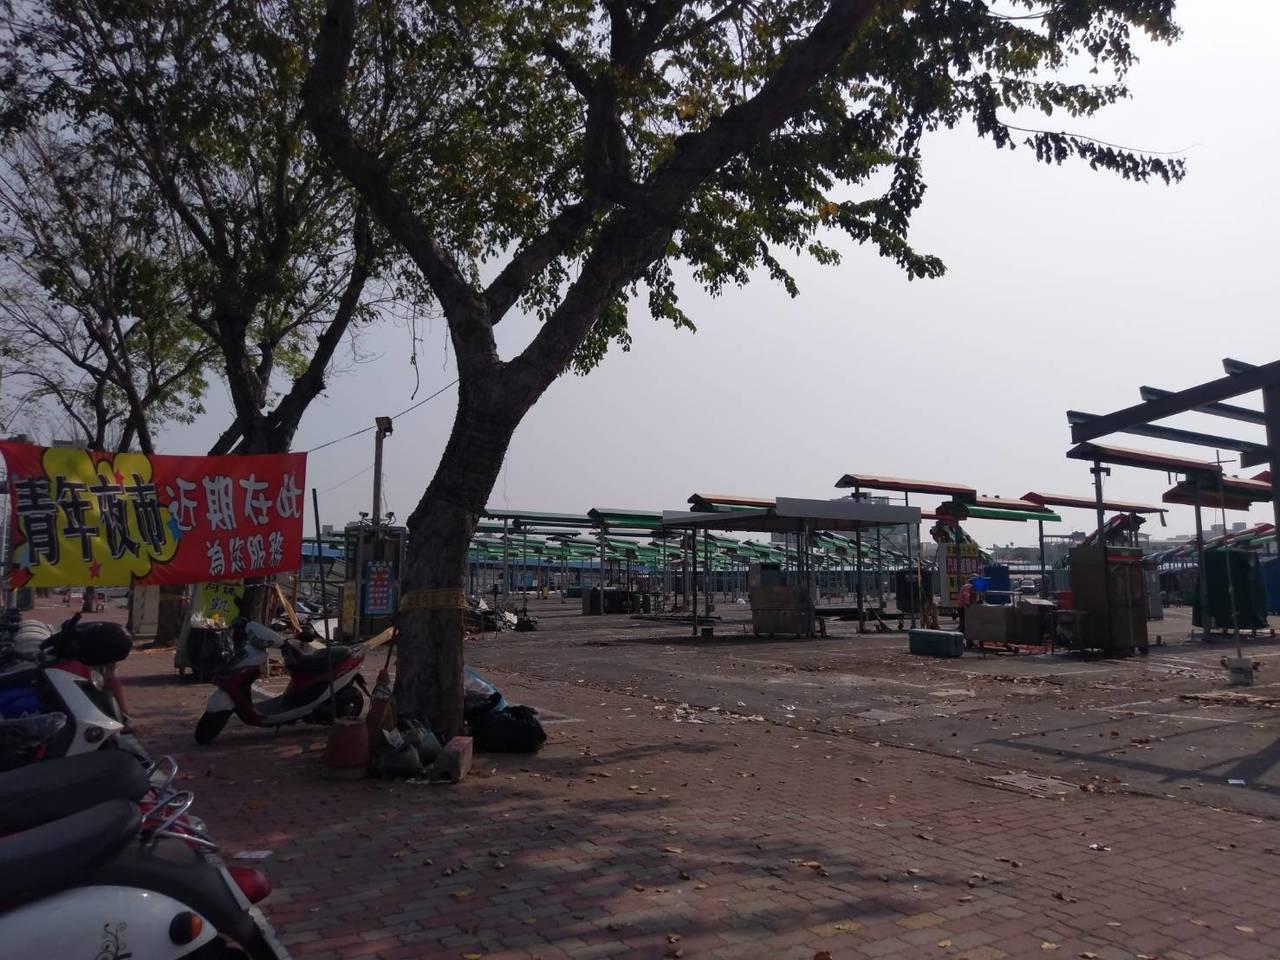 高雄鳳山青年夜市四月將搬到前鎮區凱旋現址,攤商已先掛出預告布條。記者謝梅芬/攝影